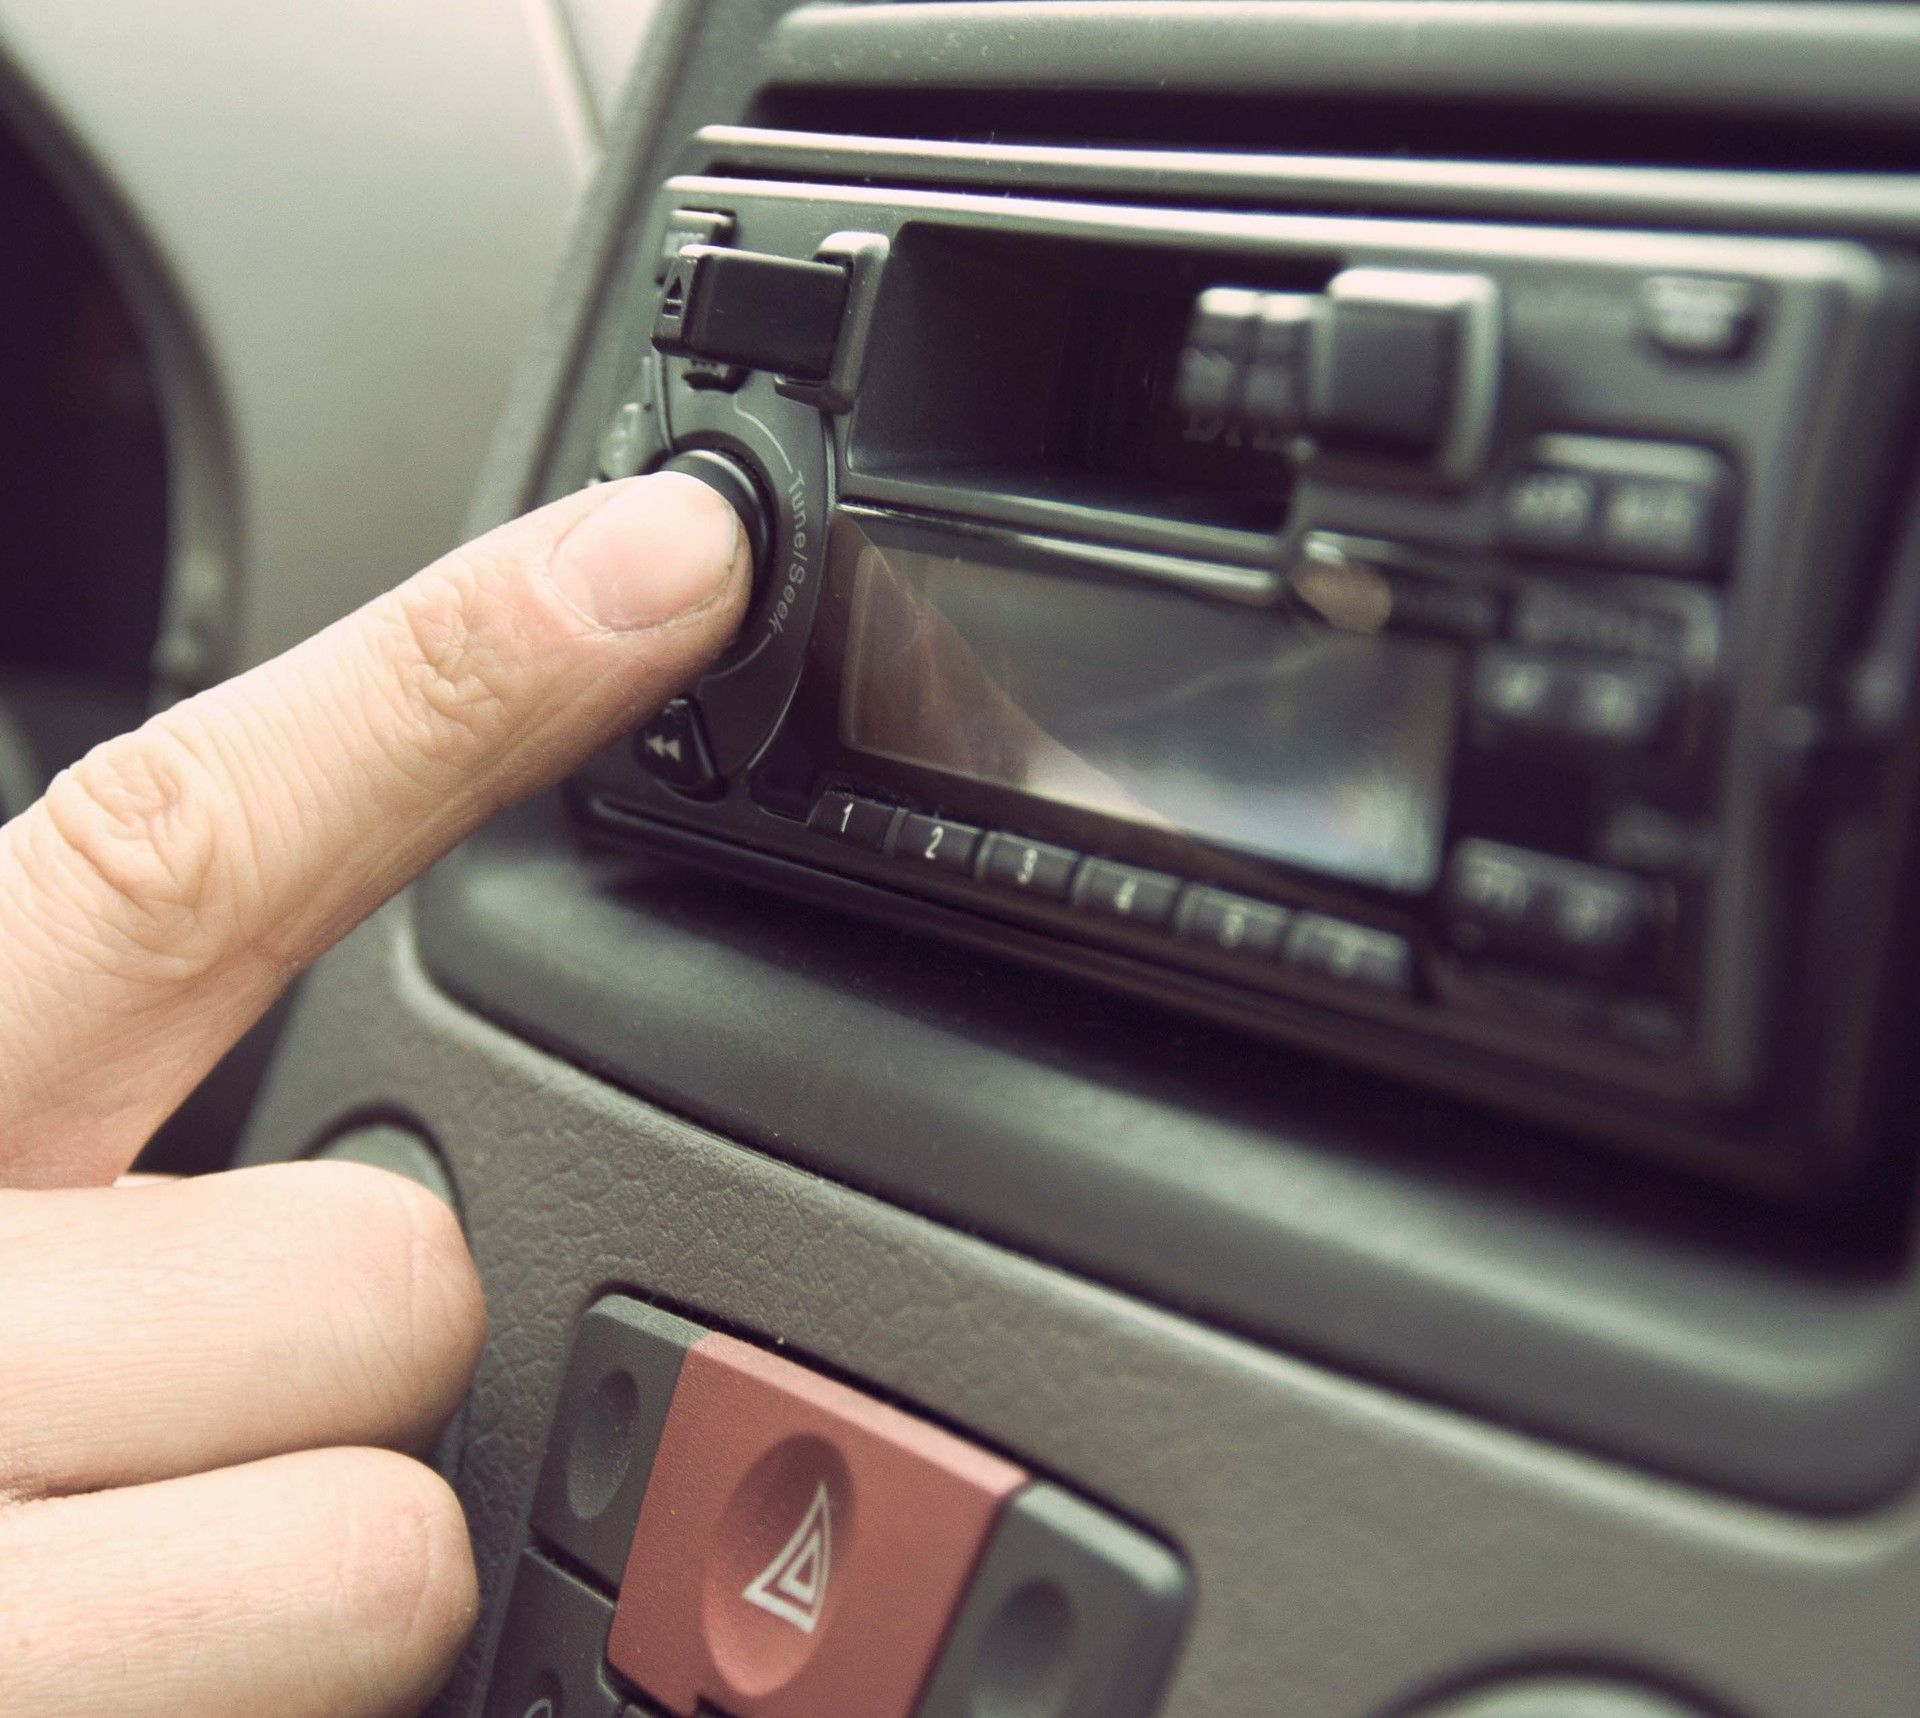 Radio91Fundraiser.jpg - 322.66 kB